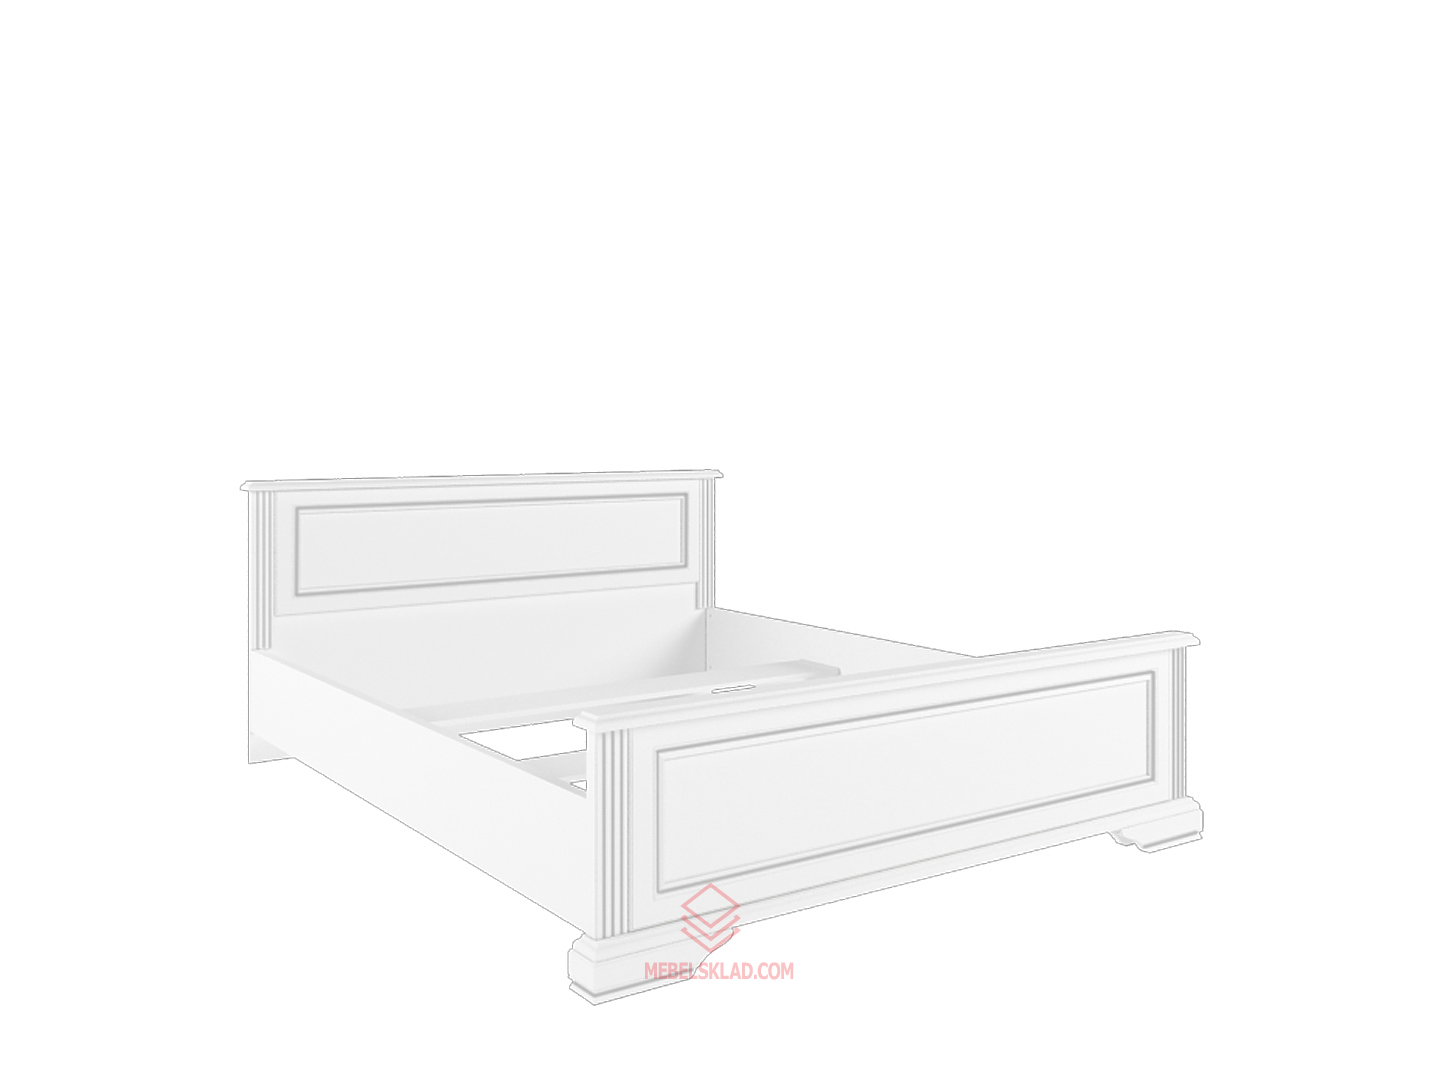 Кровать с основанием гибким LOZ180х200 сосна серебряная ВАЙТ